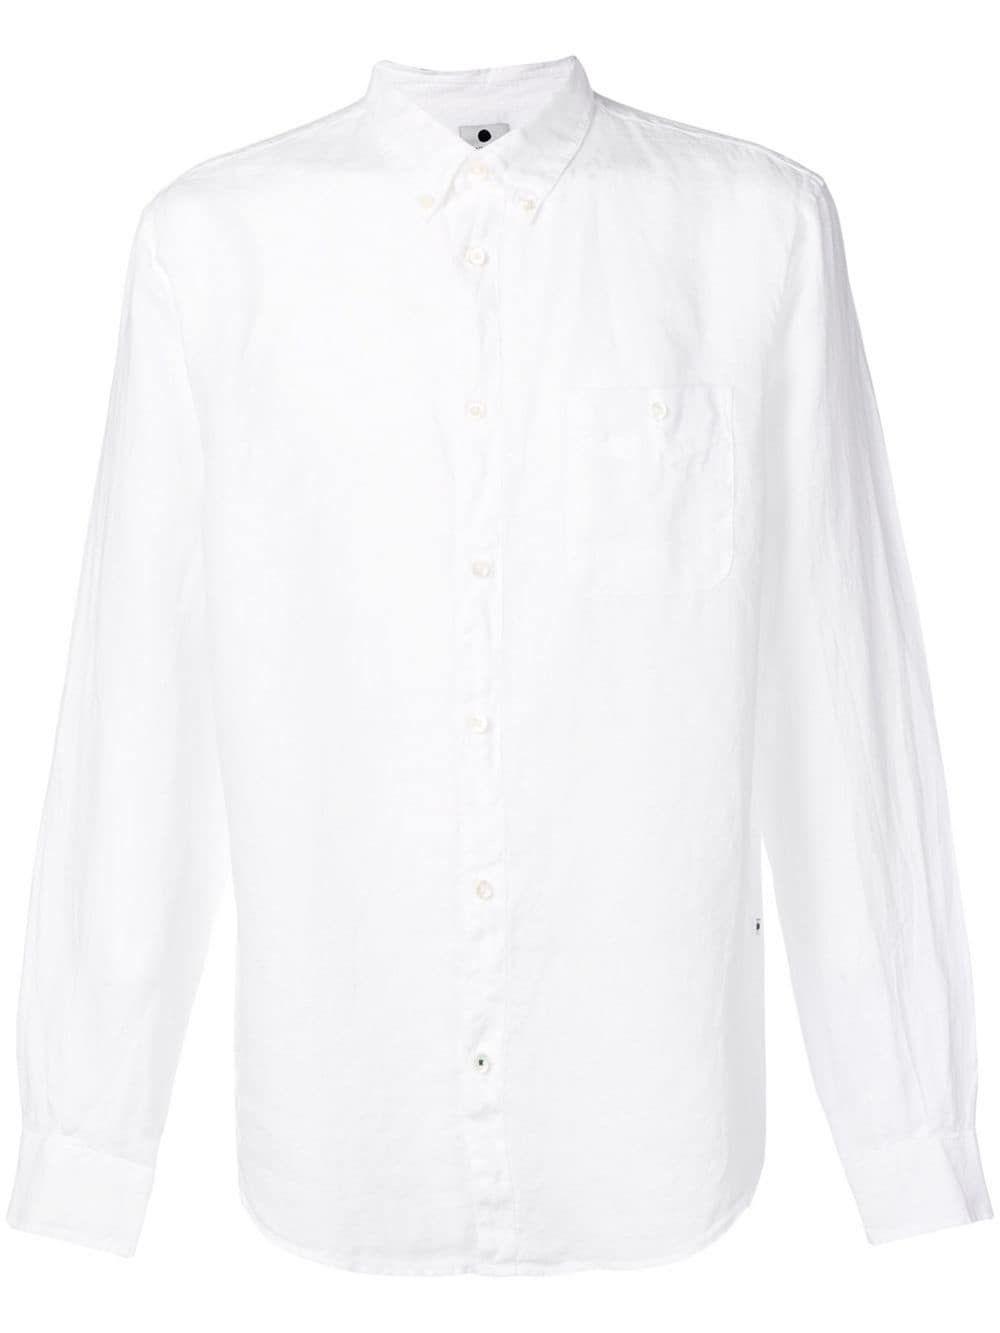 NN07 NN07 CLASSIC SHIRT - WHITE.  nn07  cloth  56cab91e43af2